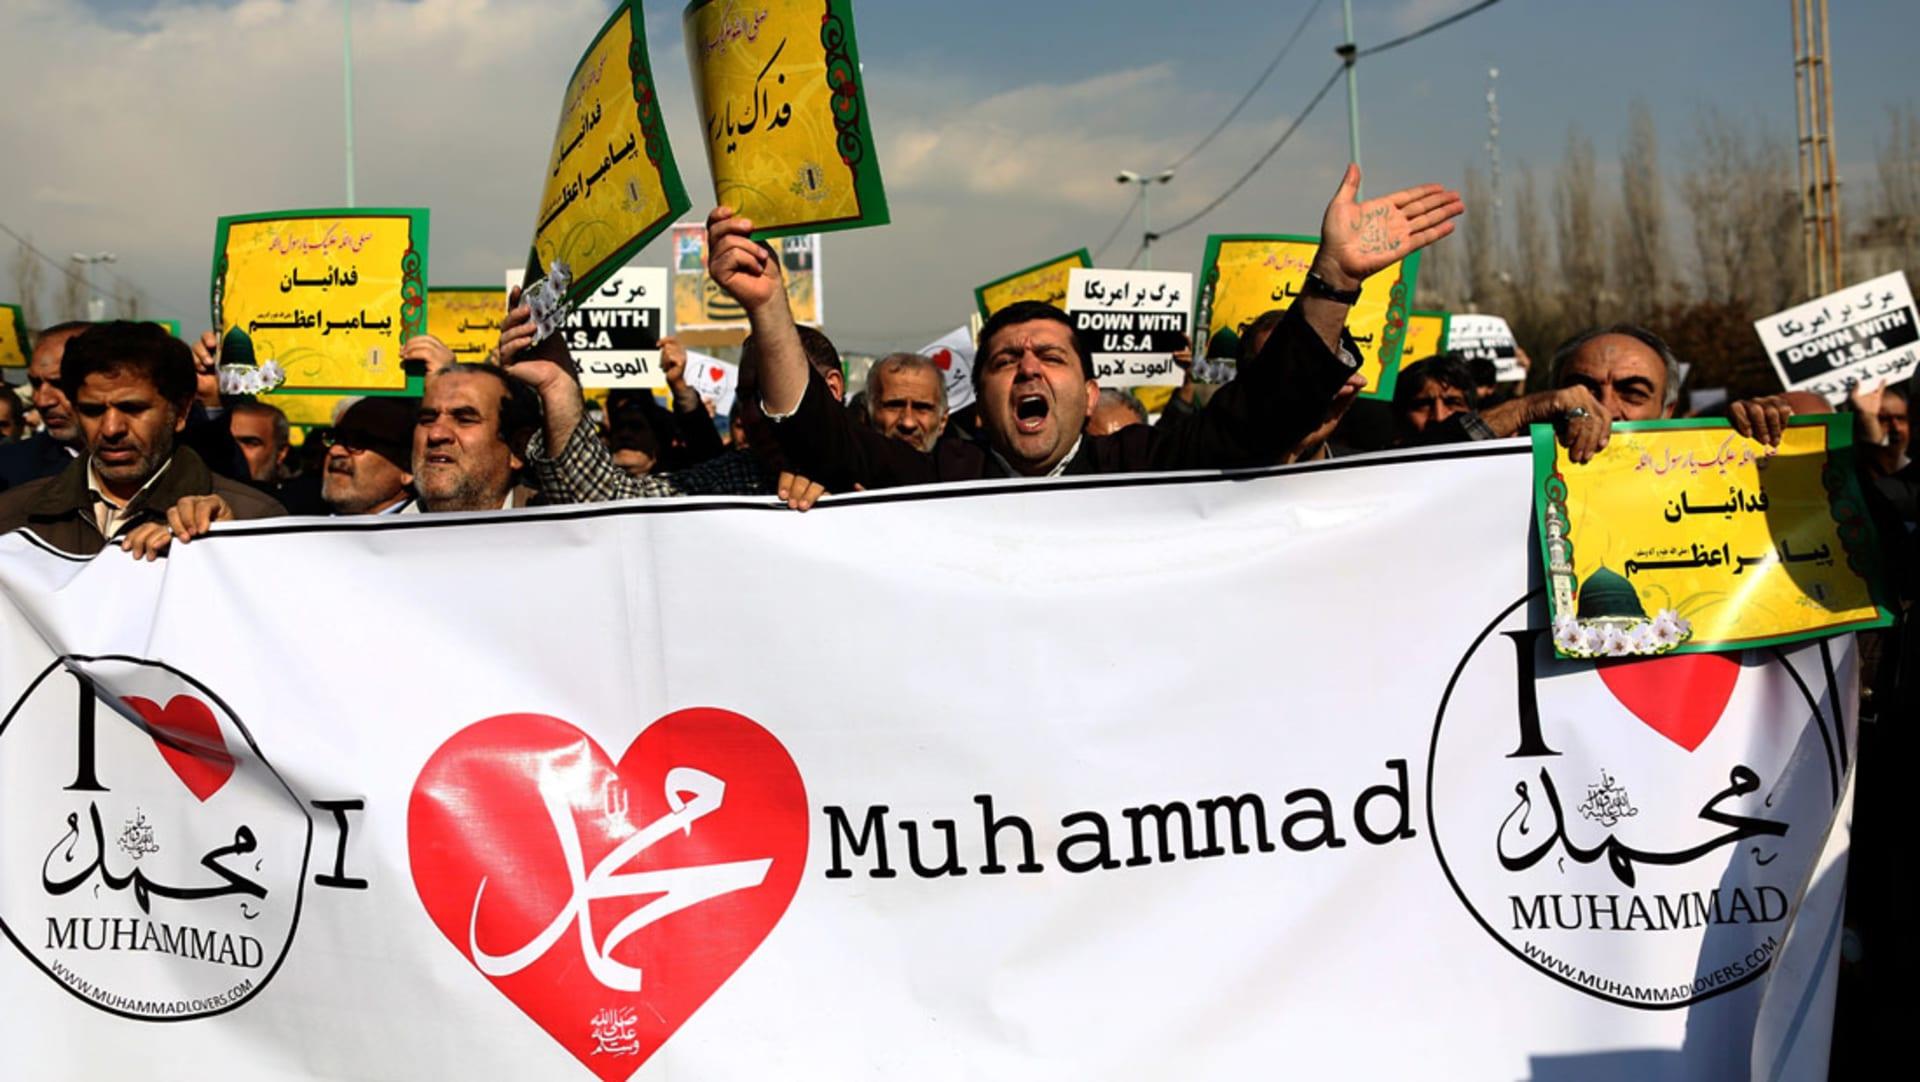 """بعد الجدل الكبير حوله في إيران.. فيلم """"النبي محمد"""" بصالات السينما العراقية قريباً"""